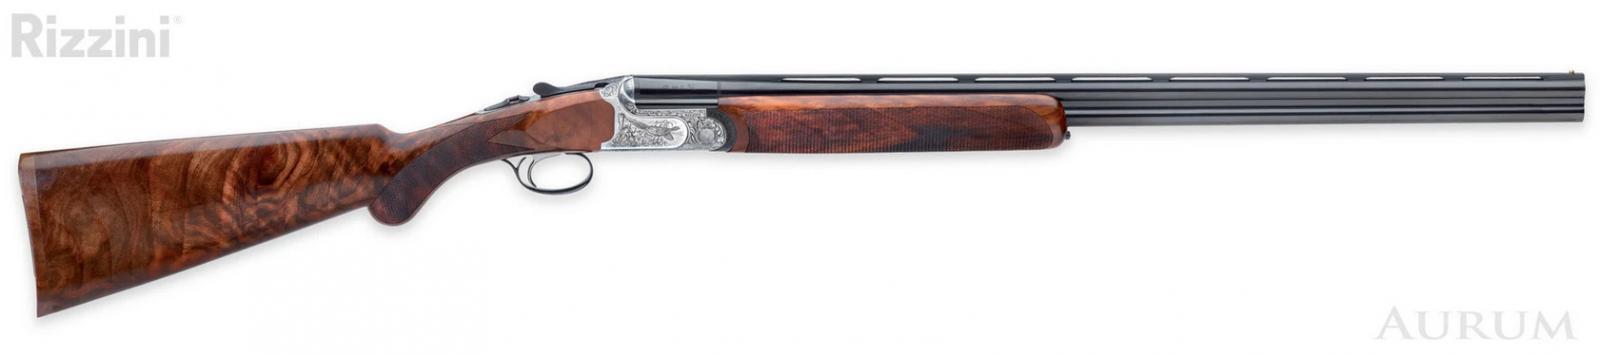 Fusil superposé RIZZINI Aurum Acier Cal. 28/70